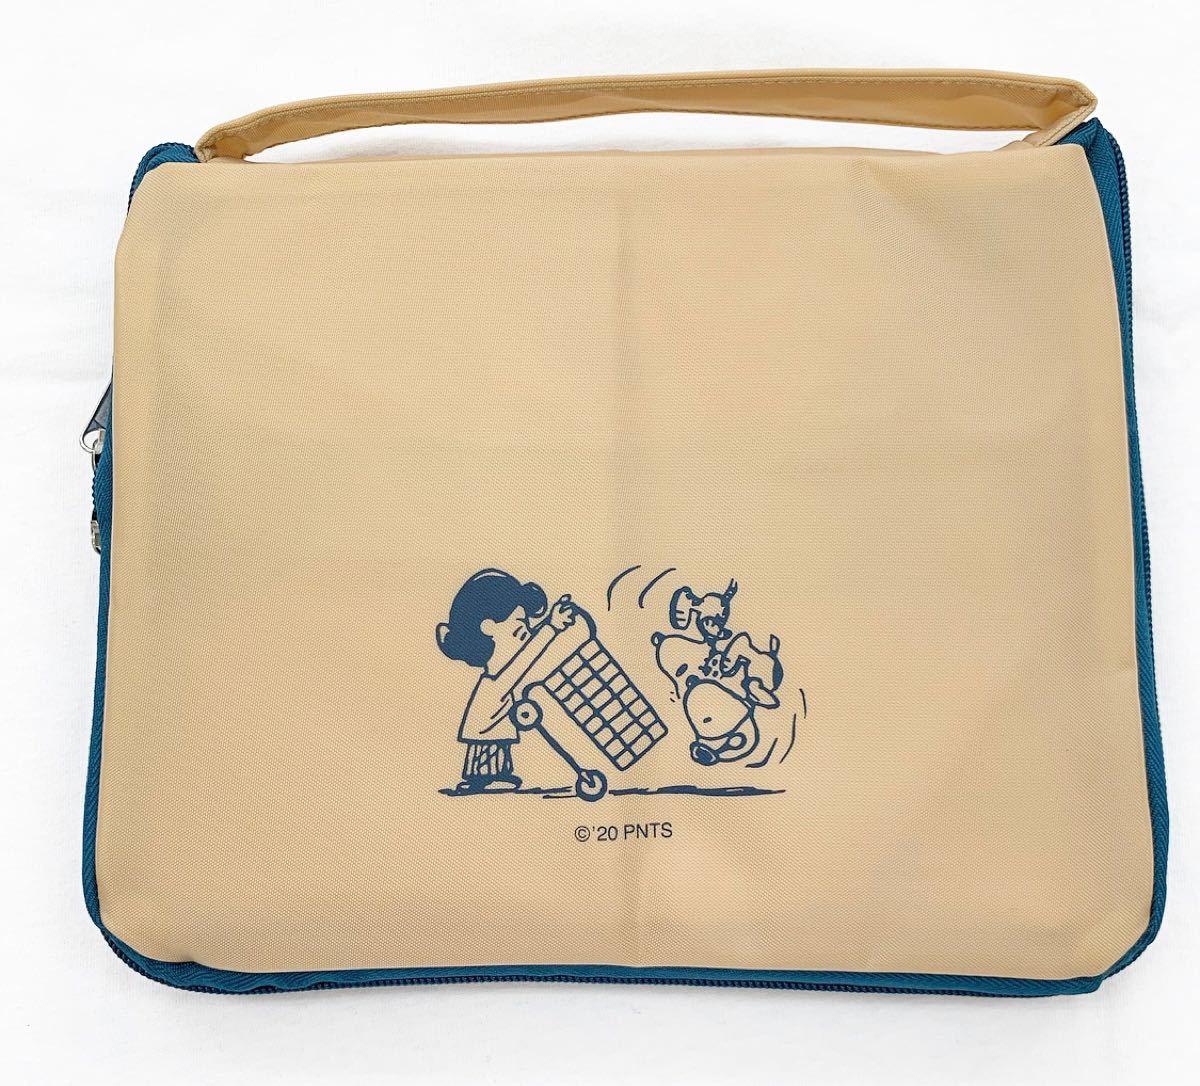 エコバッグ スヌーピー 大容量そのままカゴに装着 エコバッグ ショッピングバッグ